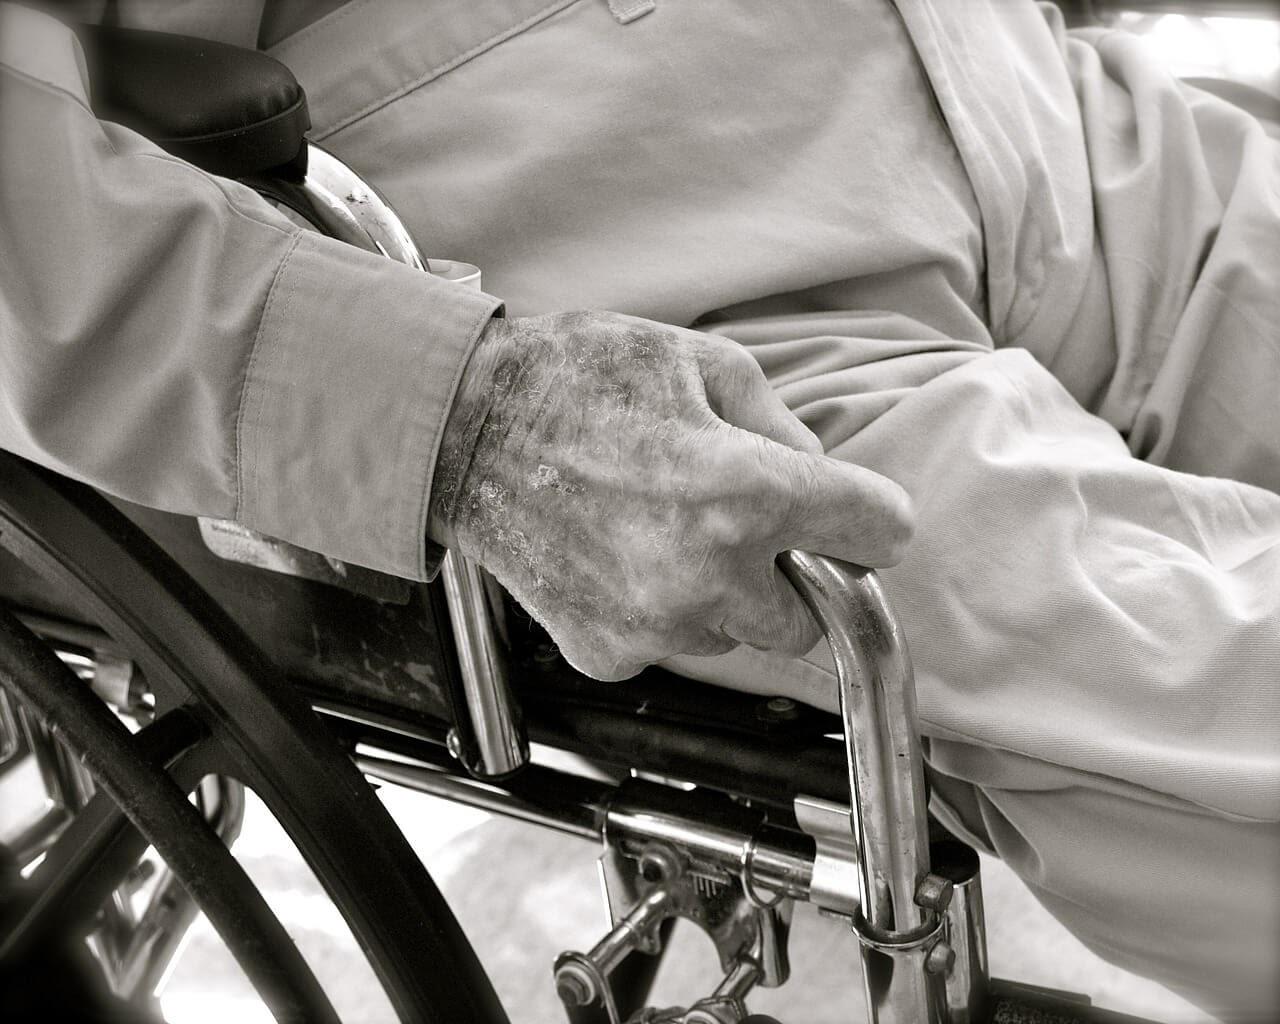 Older person sitting in wheelchair